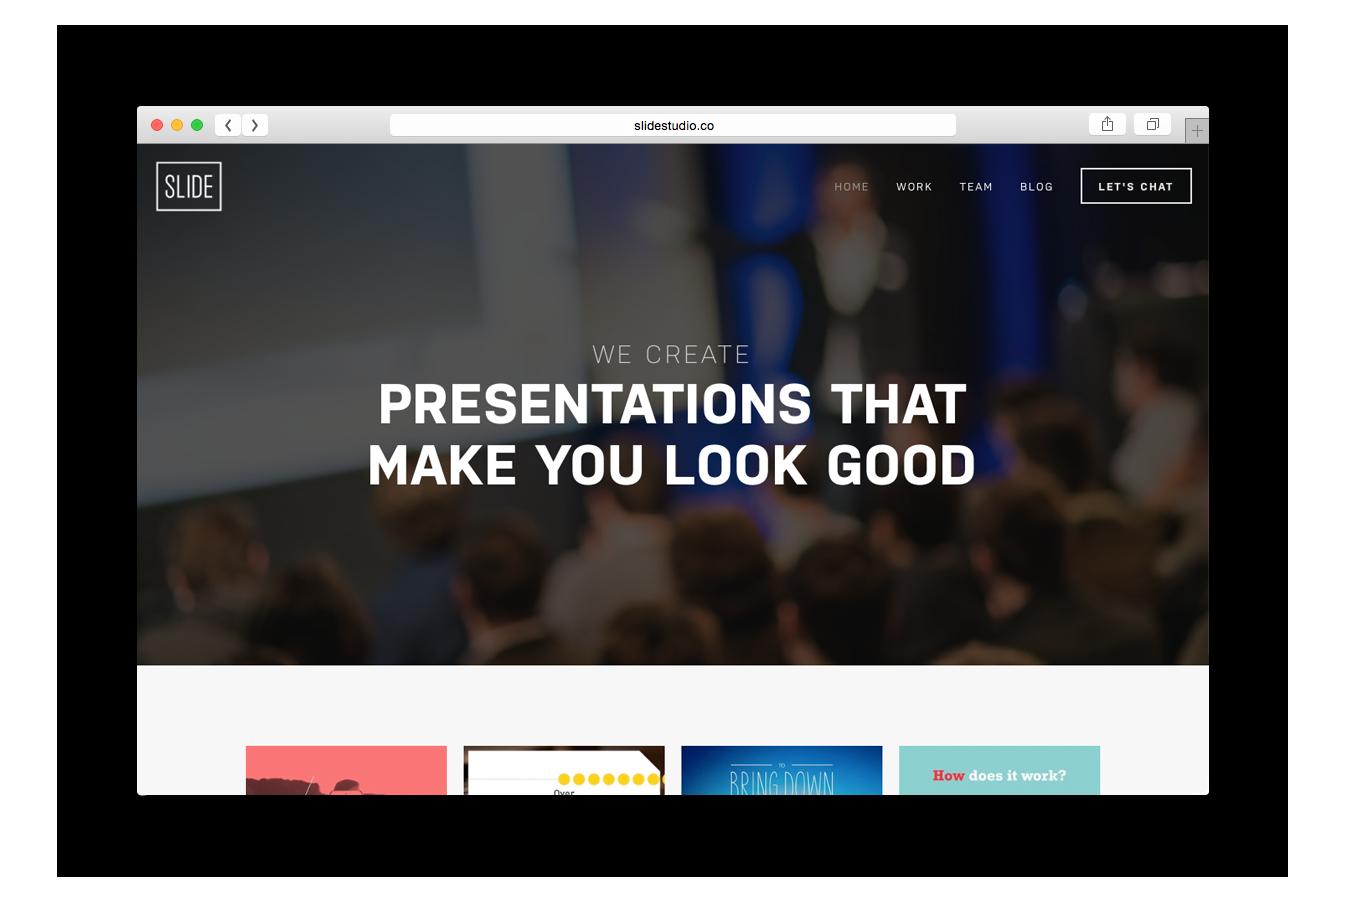 """""""Creamos presentaciones que te hacen lucir bien""""  es el mensaje de bienvenida en la nueva página web de  Slide Studio."""